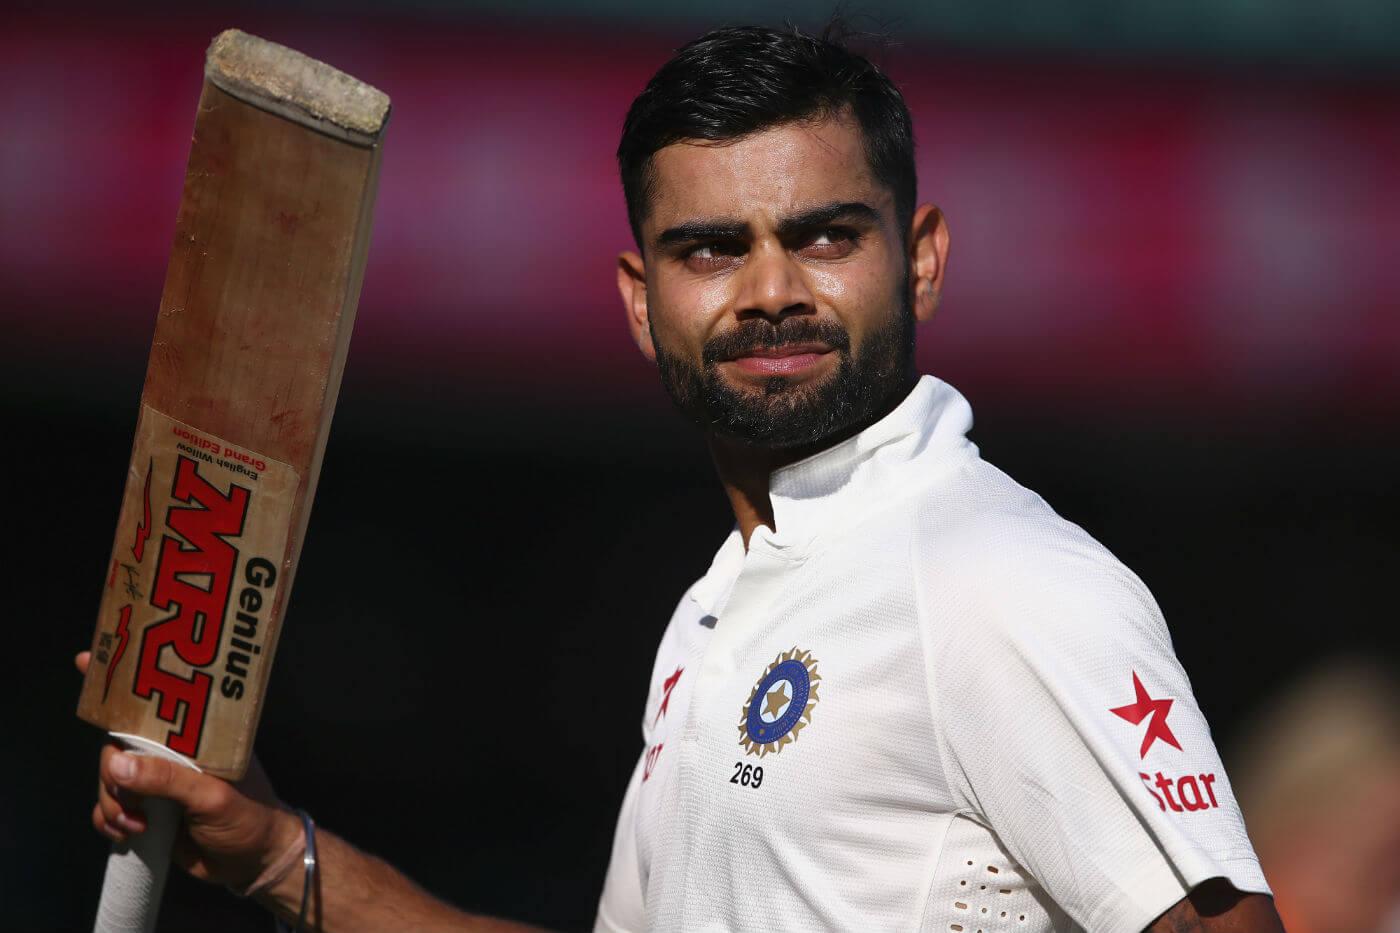 विराट कोहली ने पहली पारी में लगाये गये 149 रन शतक को नहीं, बल्कि इस शतक को बताया अपना सबसे खास 2